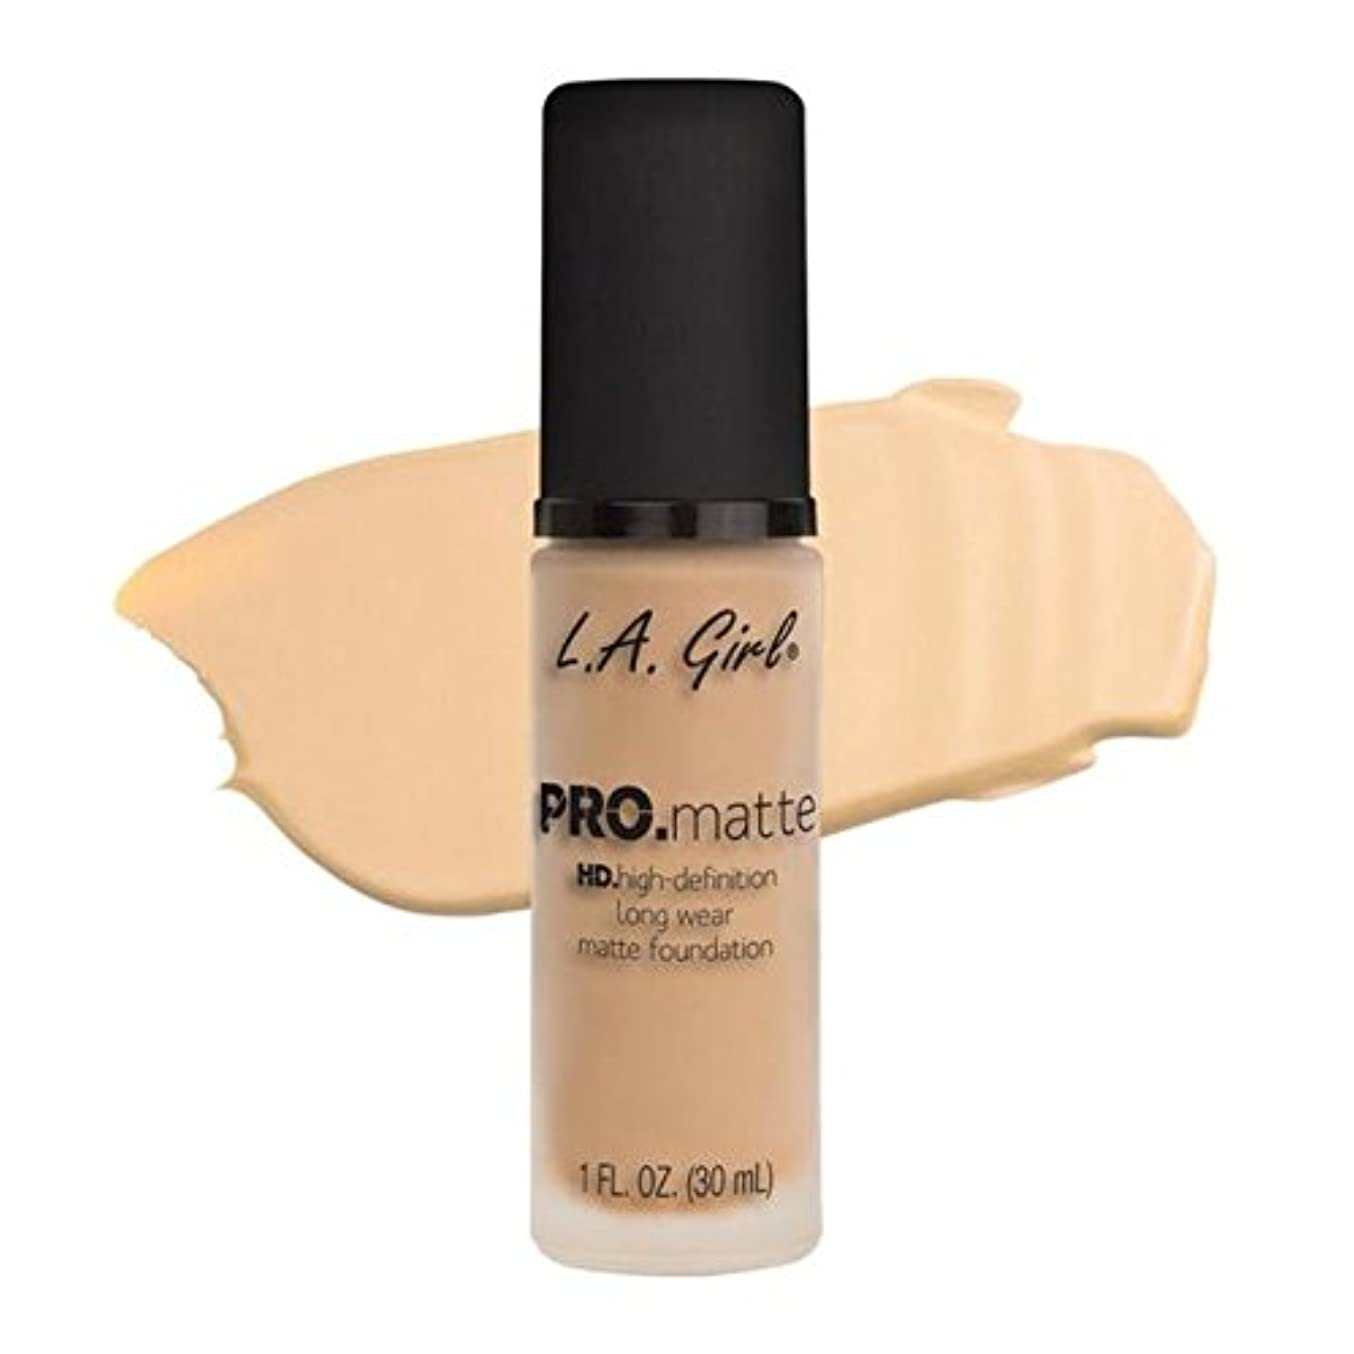 柔和マルコポーロカスケードLA Girl PRO.mattte HD.high-definition long wear matte foundation (GLM671 Ivory)